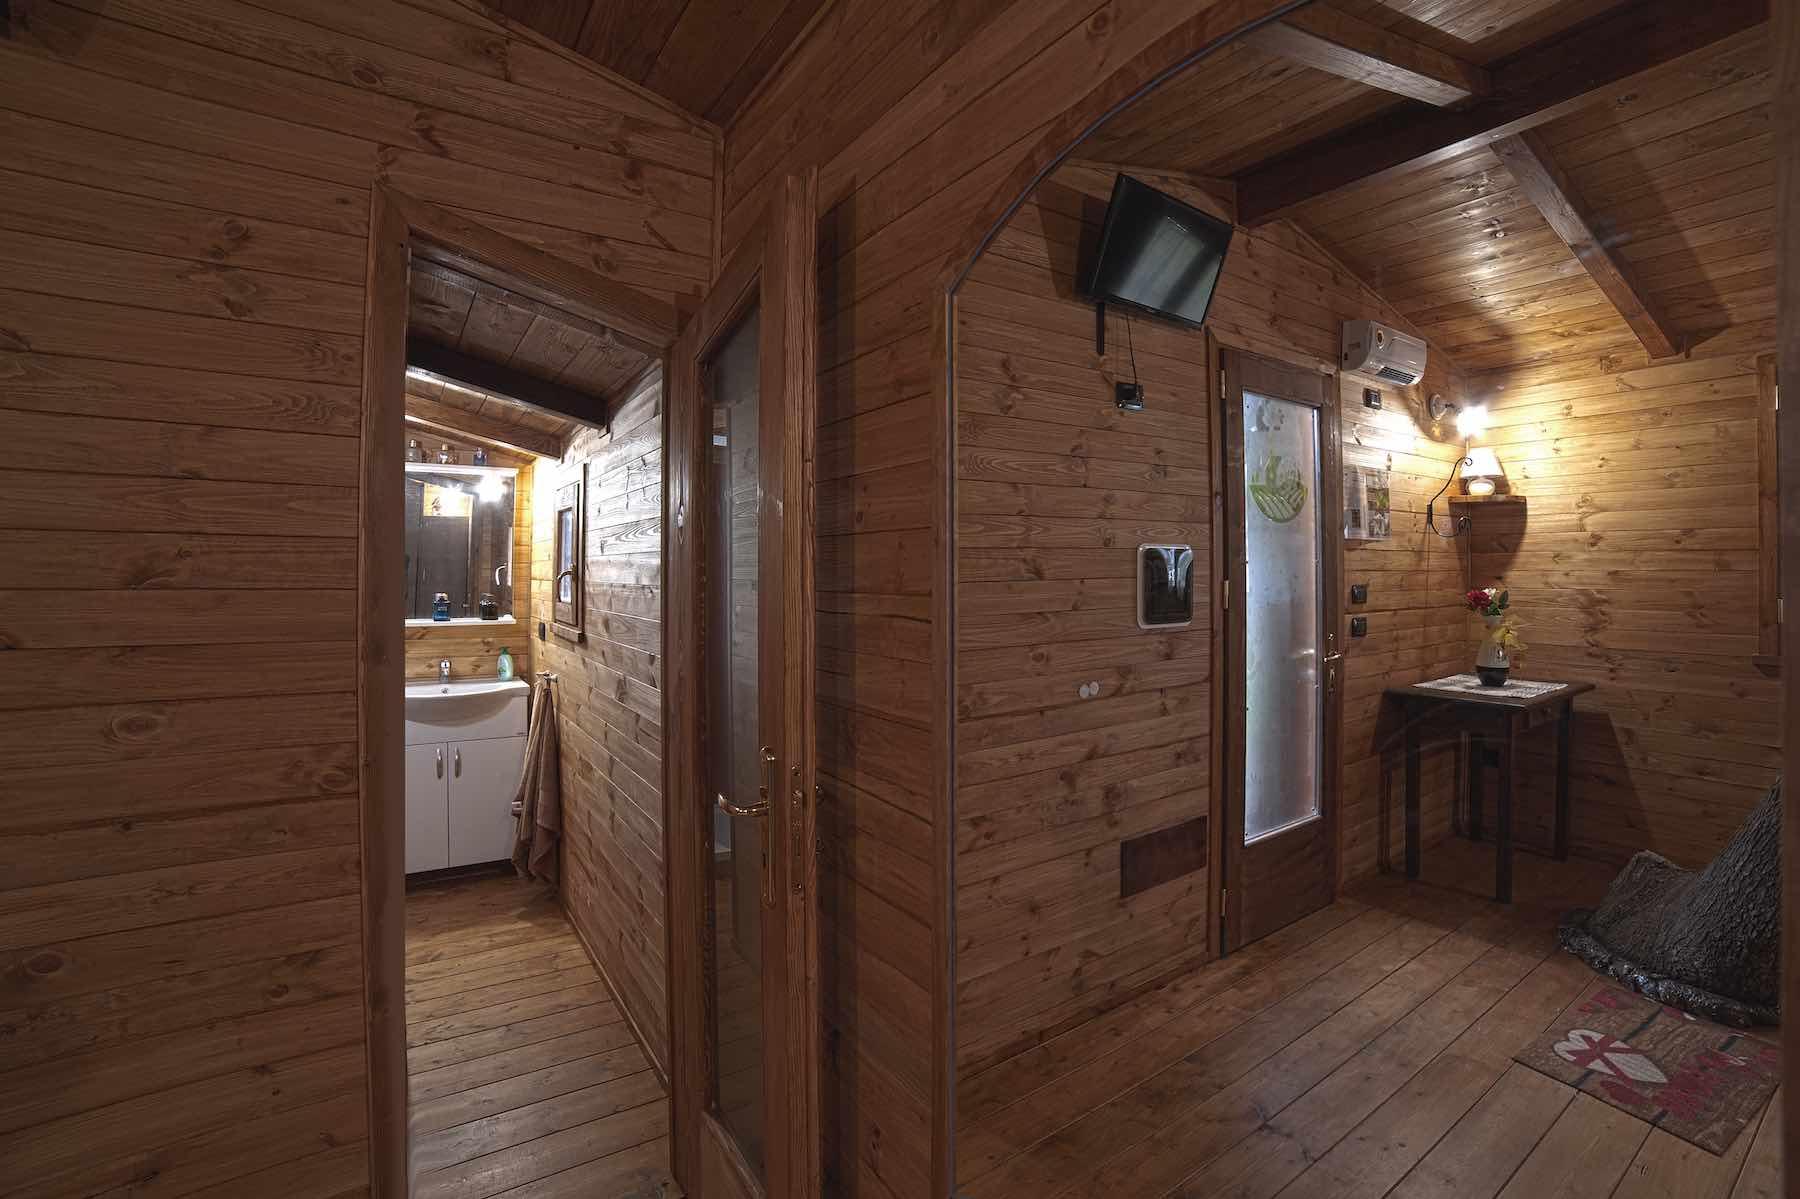 Casa sull'albero prospettiva interna da specchio